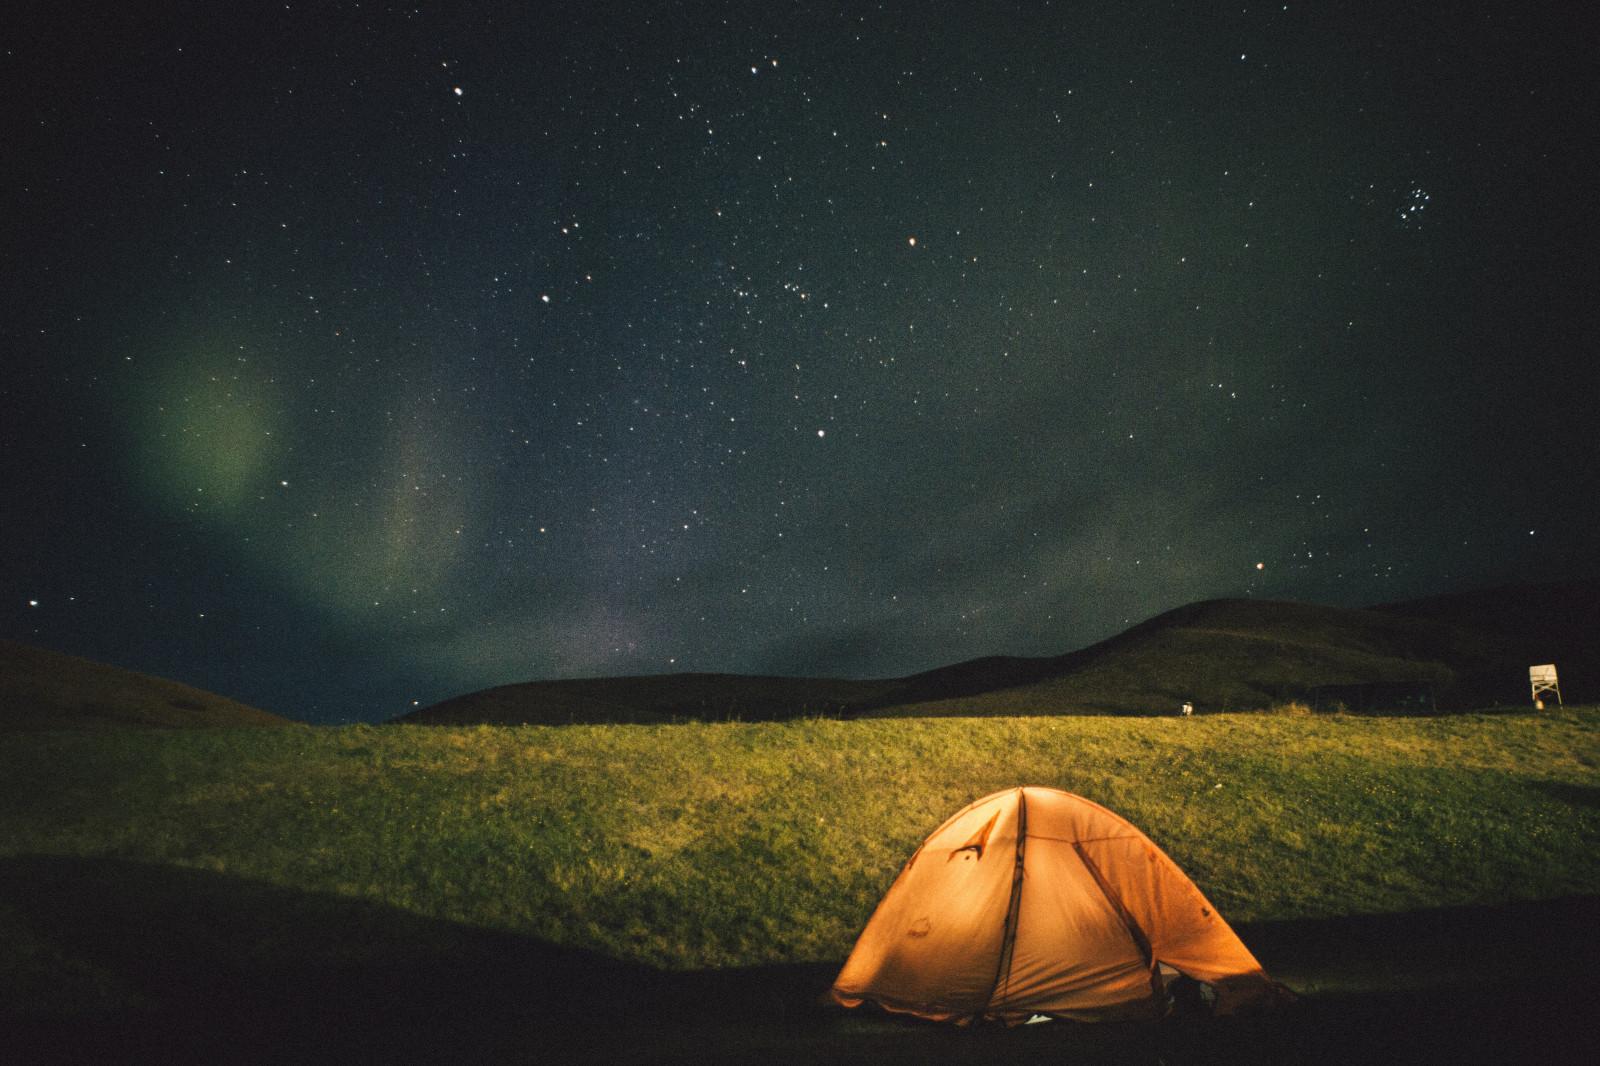 tente ciel étoilé nuit